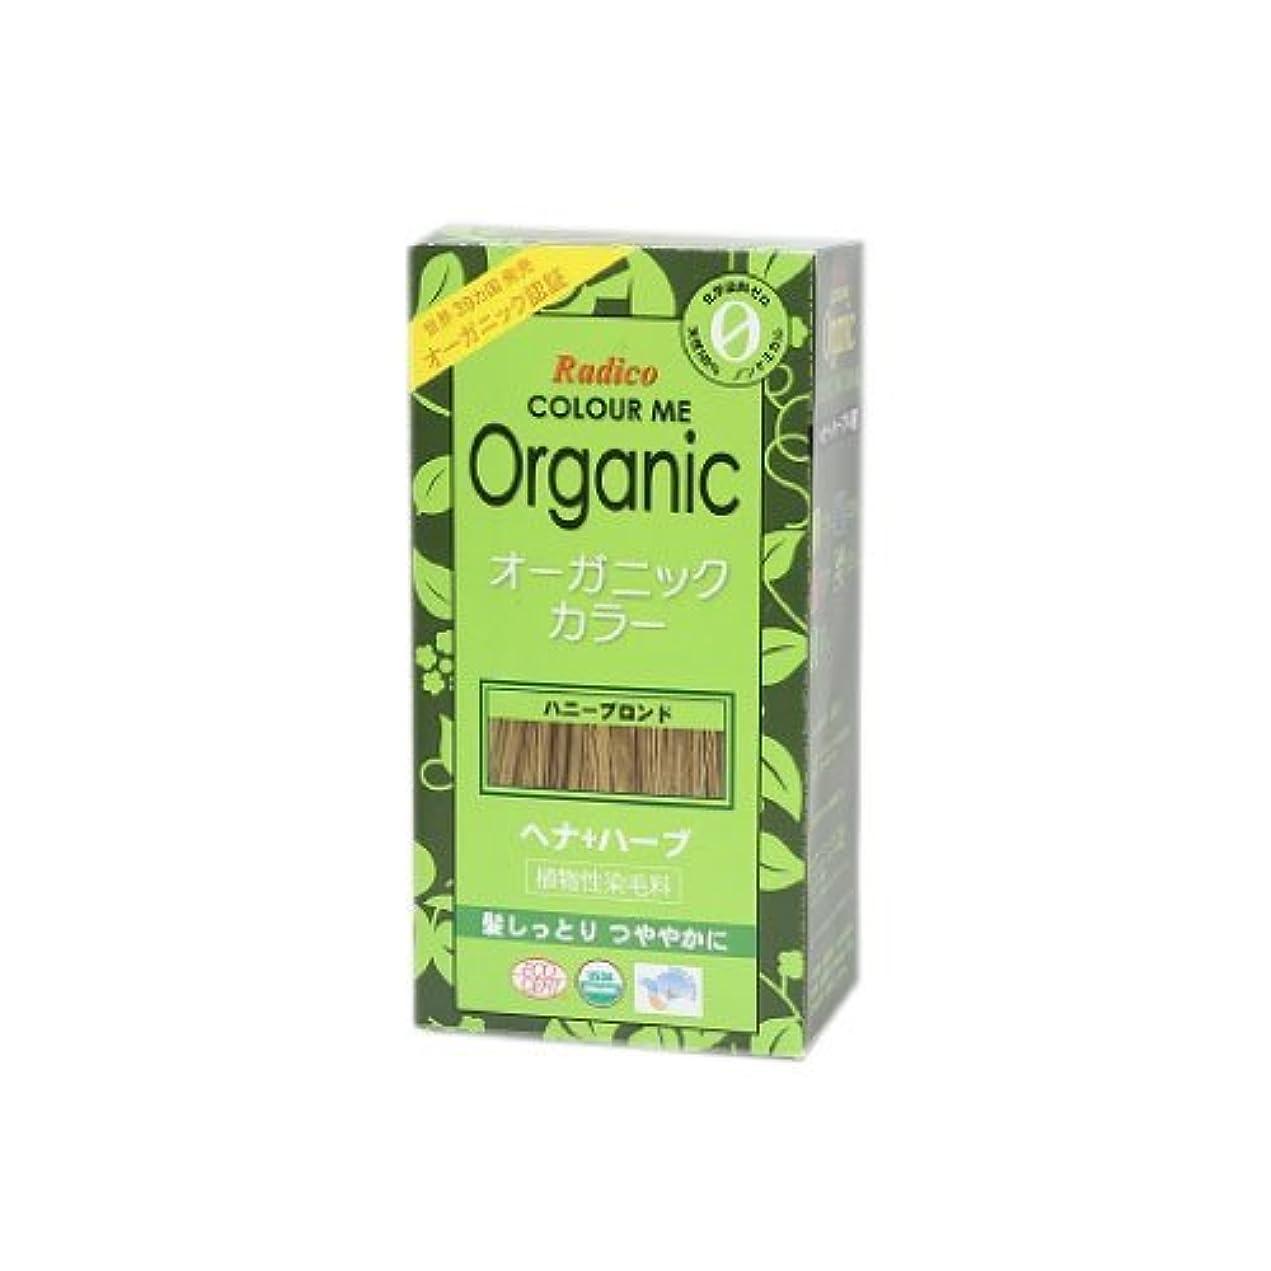 放散する検出器滞在COLOURME Organic (カラーミーオーガニック ヘナ 白髪用) ハニーブロンド 100g